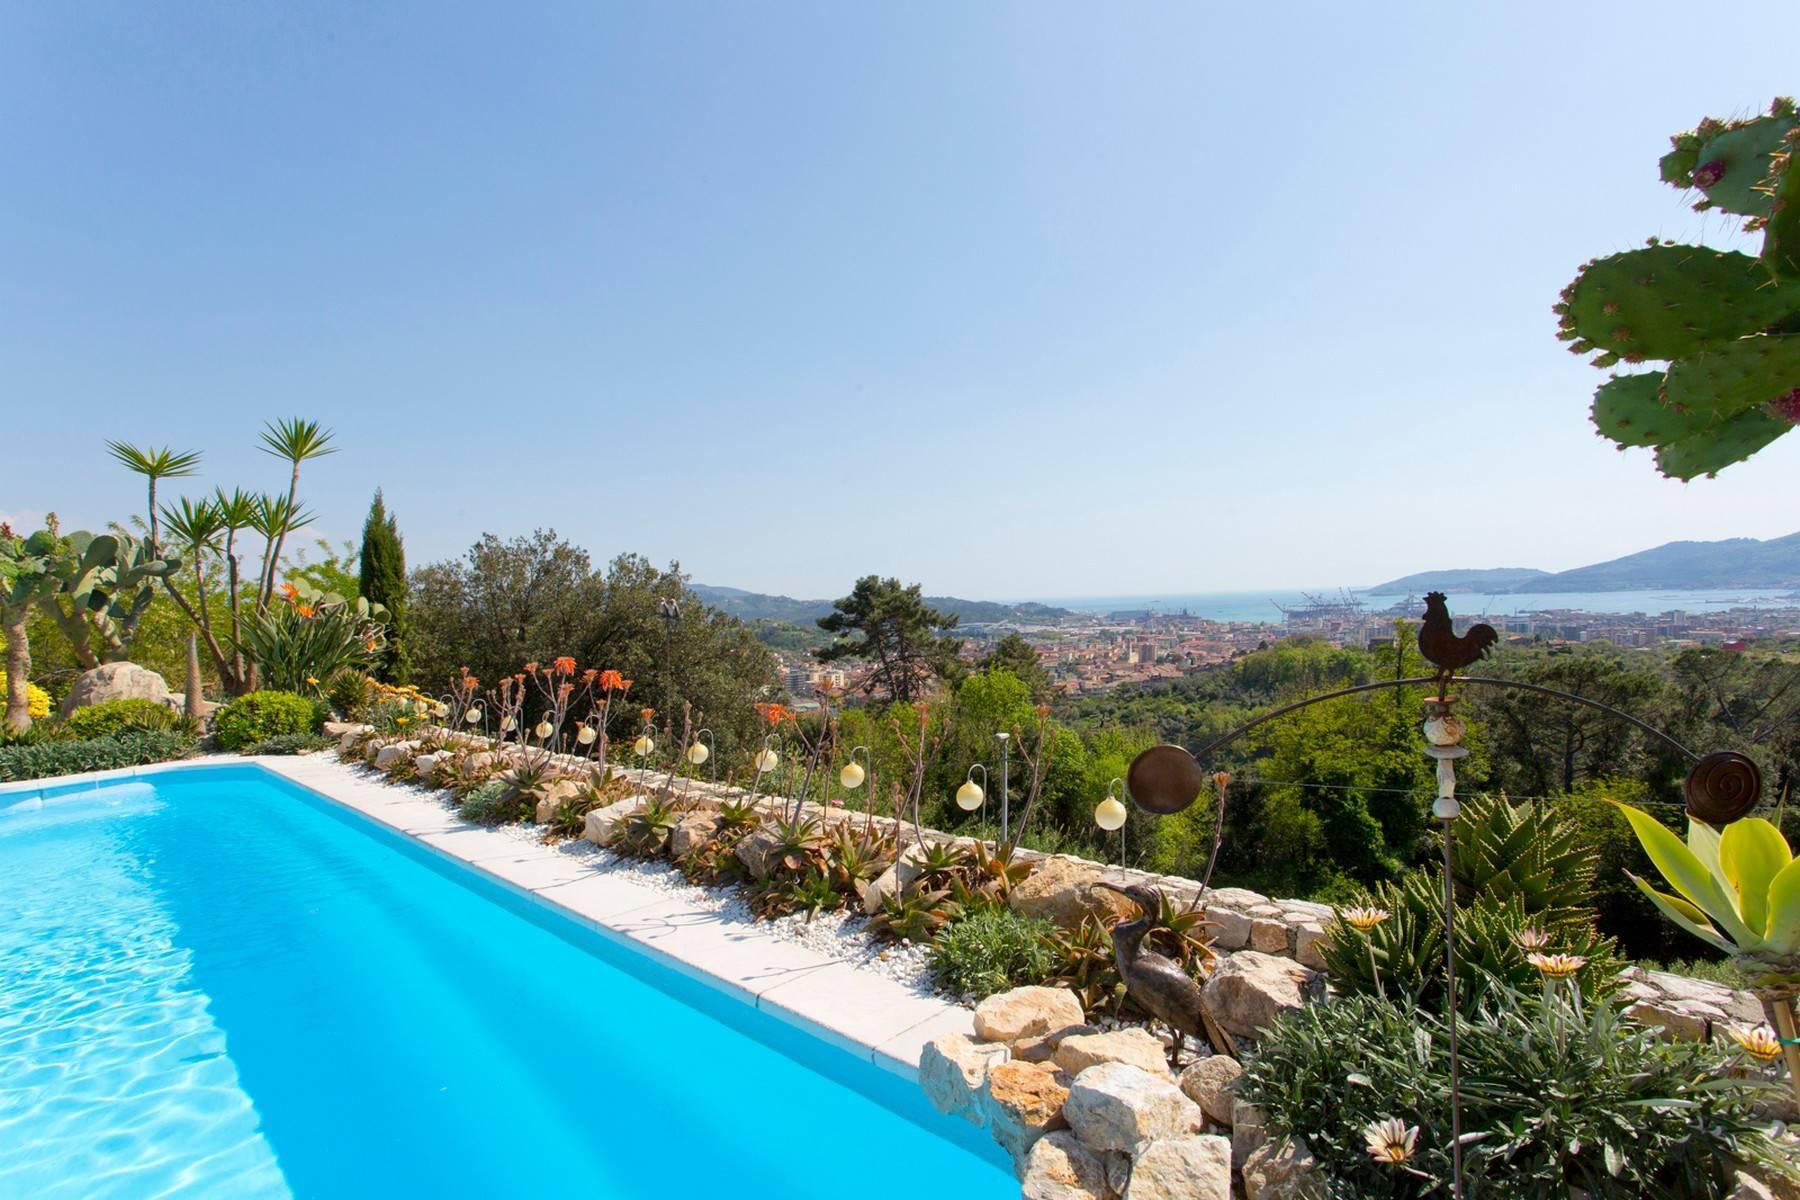 Wunderschöne Villa mit Blick auf die Bucht von La Spezia - 15